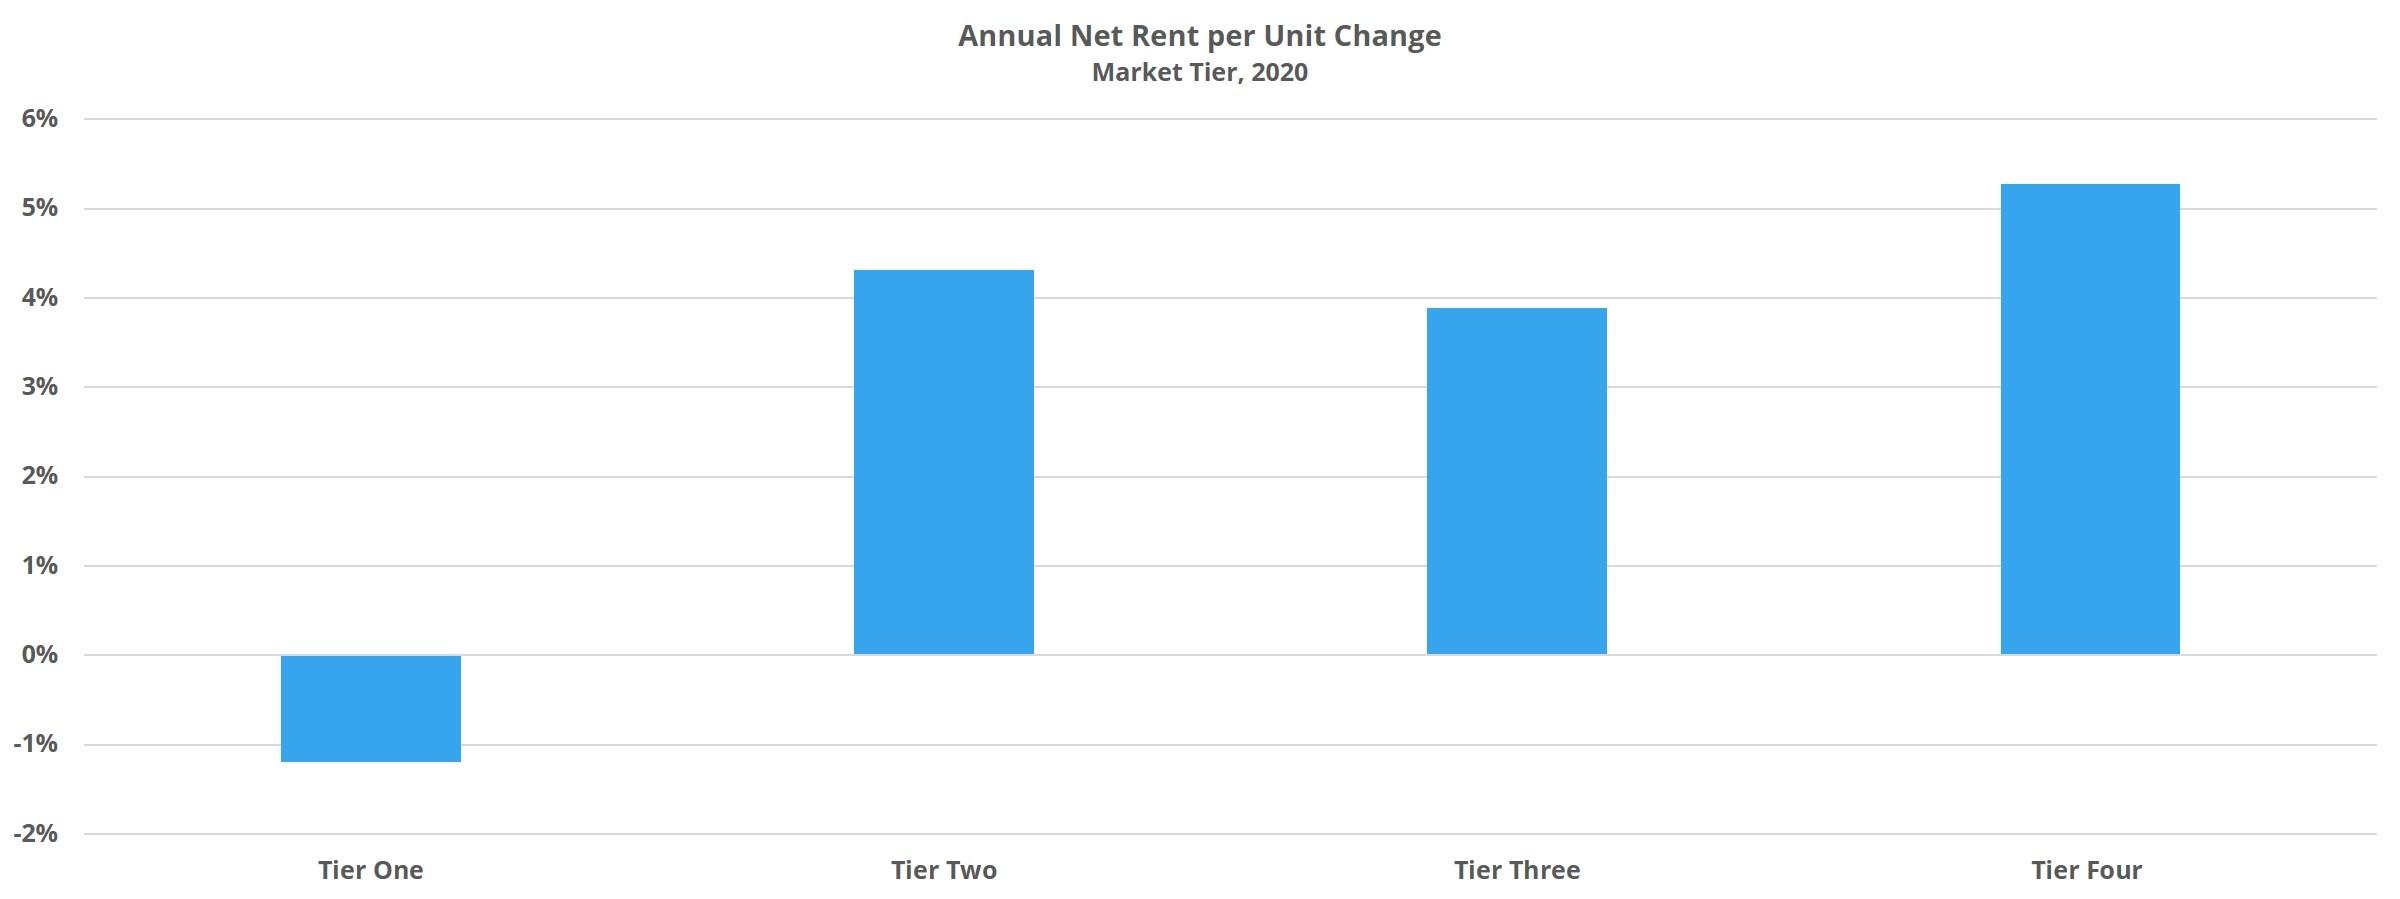 Annual Net Rent per Unit Change